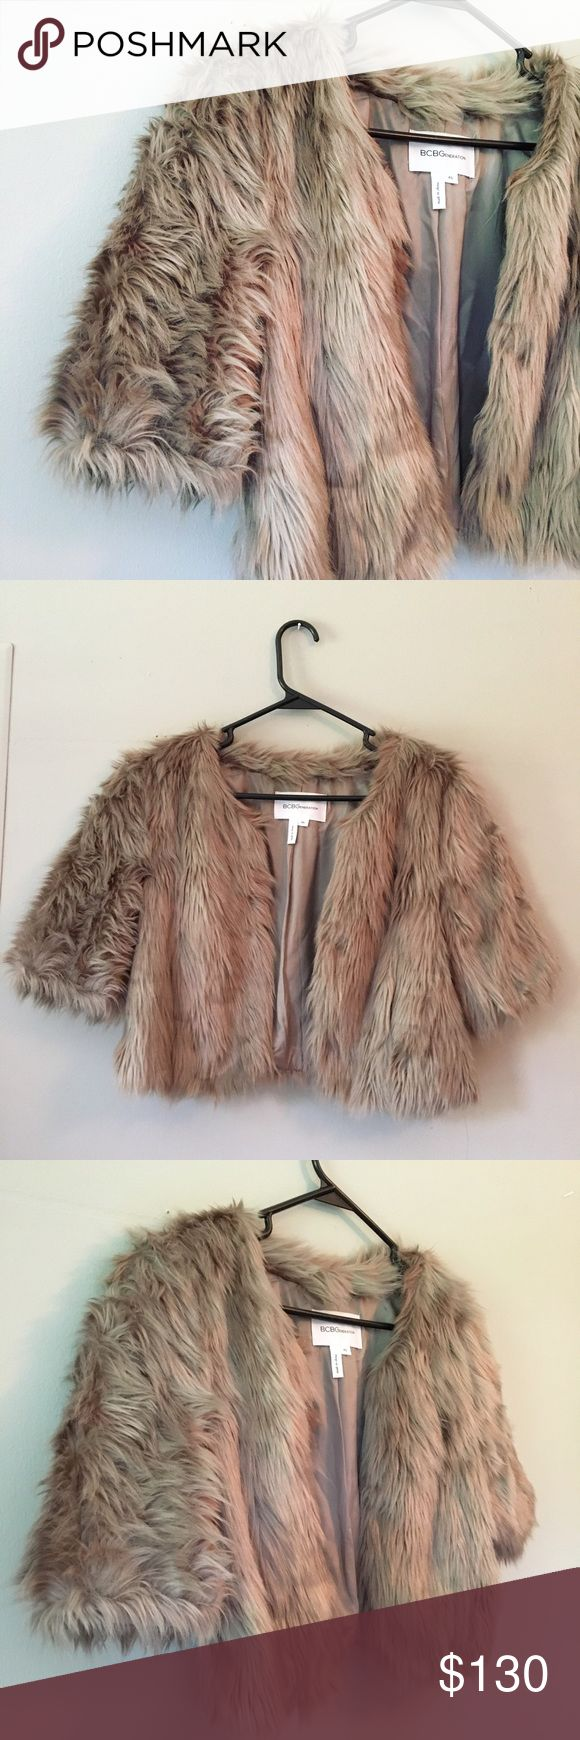 Grey cropped faux fur coat BCBGeneration cropped grey faux fur coat. Perfect condition. Worn once. BCBGeneration Jackets & Coats